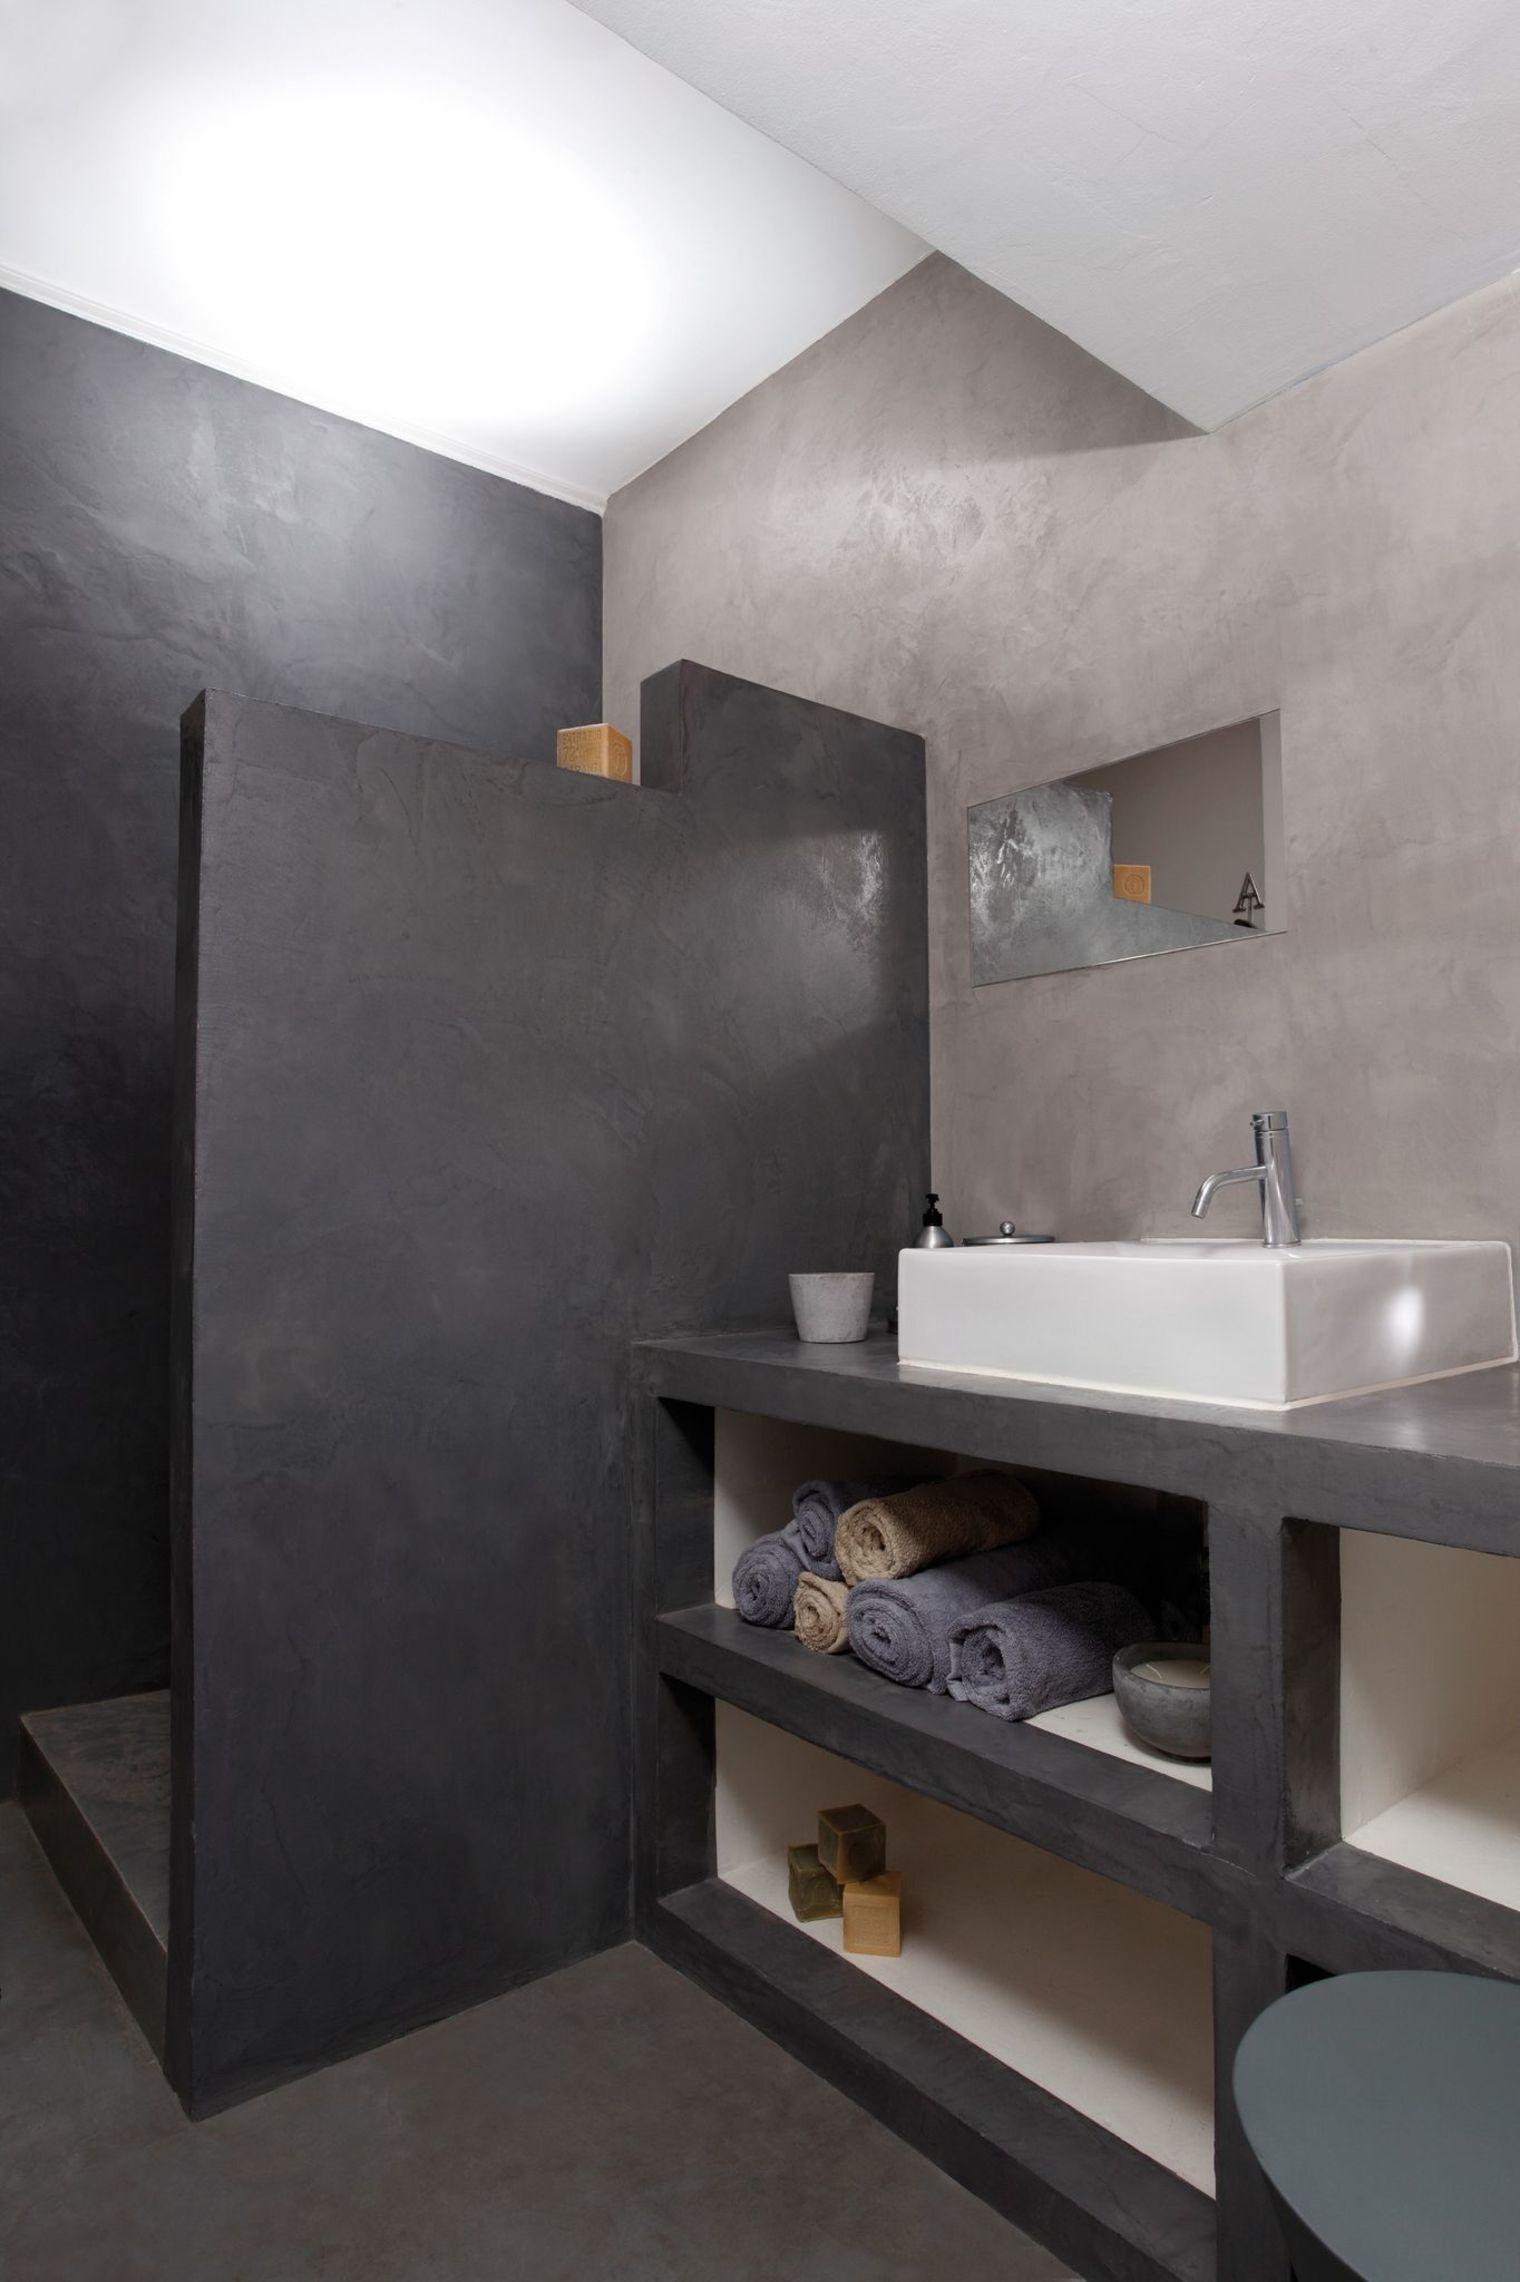 Petite salle de bain douche italienne - Plans de salle de bain ...